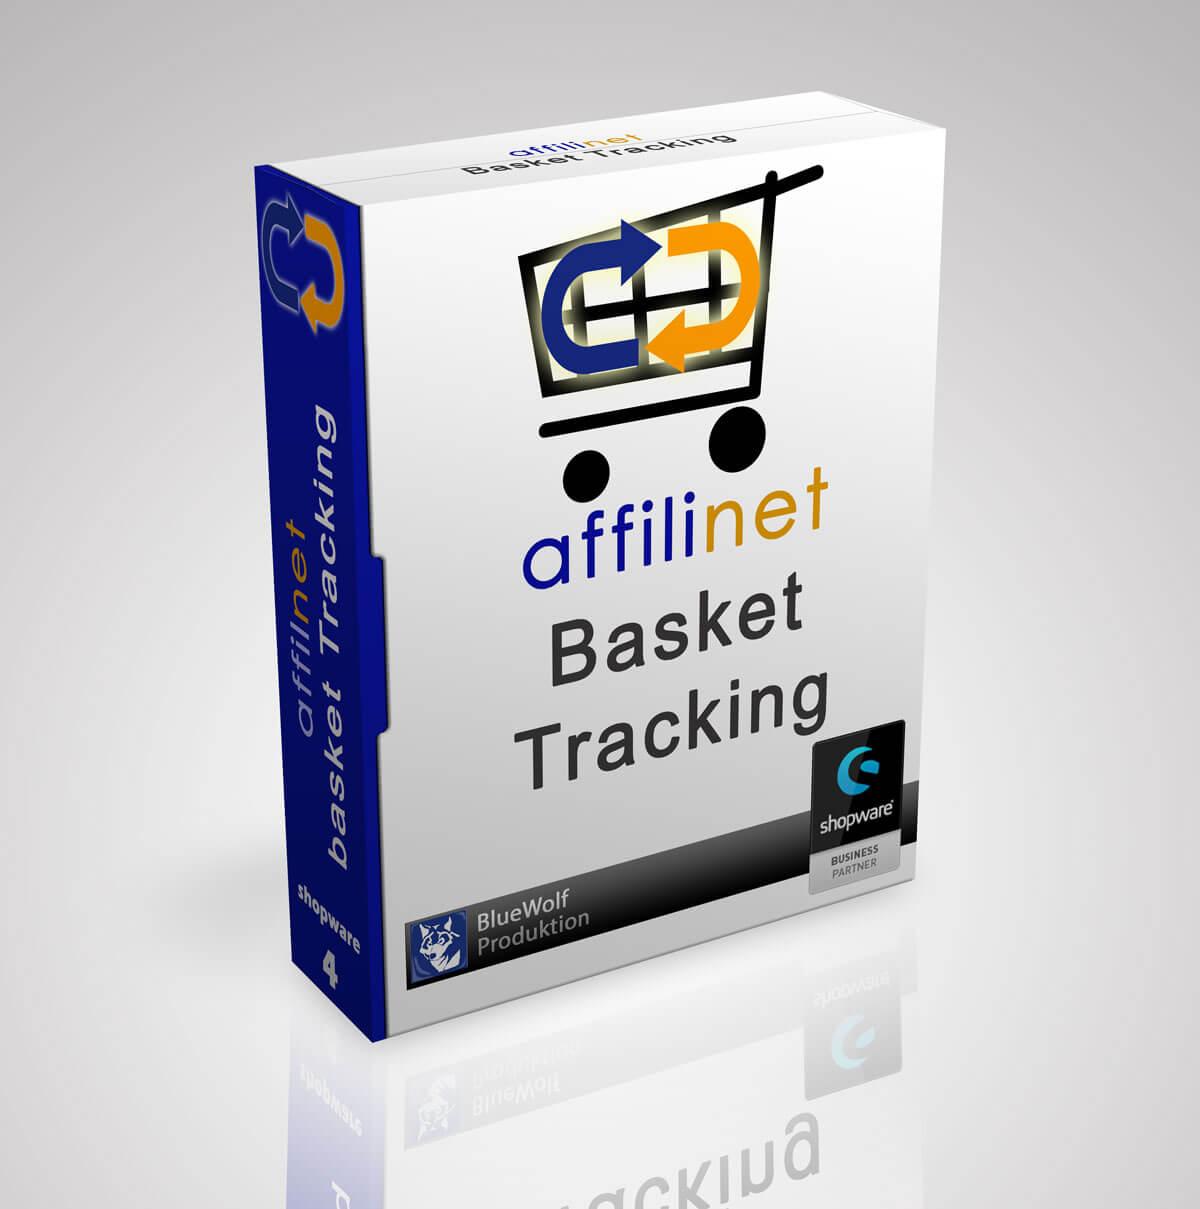 Affili Basket Tracking